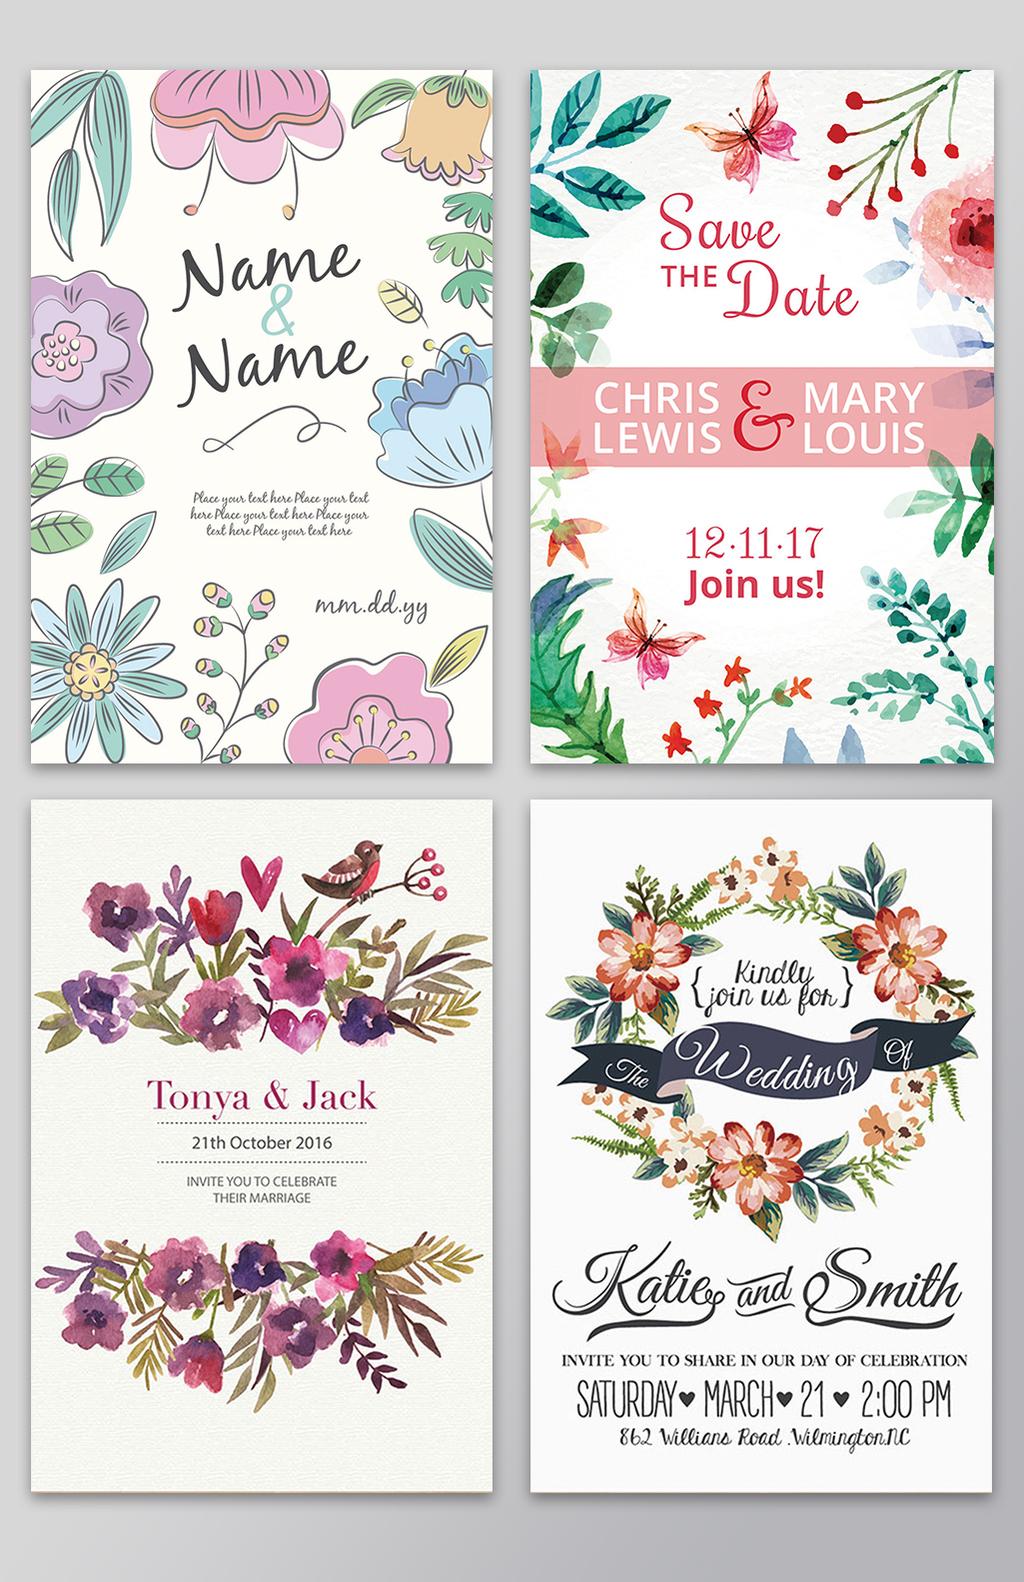 唯美手绘花卉叶子信封请柬背景矢量素图片设计素材 高清其他模板下